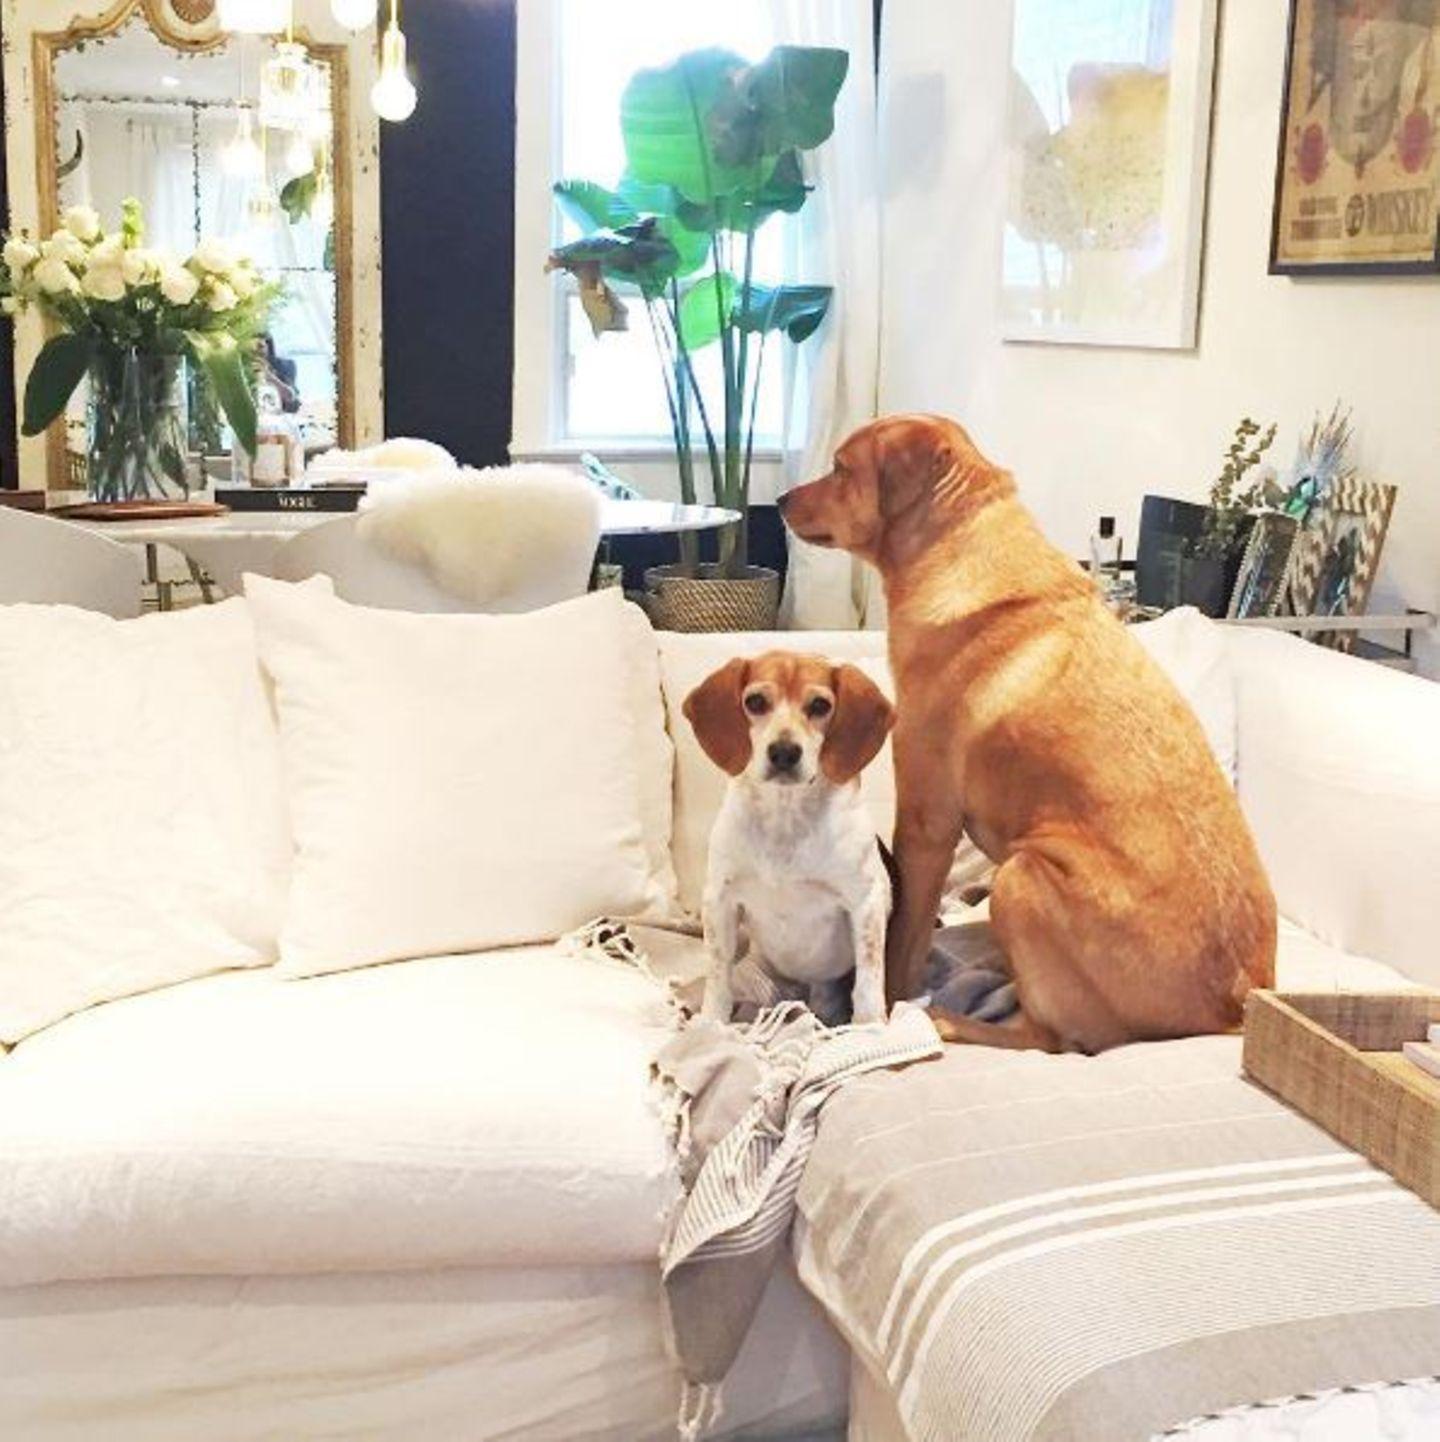 Meghan liebt ihre süßen Begleiter so sehr, dass diese sogar ihre Couch einnehmen dürfen. Und das, obwohl ihr Appartement sonst sehr clean eingerichtet ist. Alles ist in Weiß gehalten, Farbtupfer setzt sie mit Pflanzen. Der Hingucker des Wohnzimmers: ein barocker Spiegel mit Goldrahmen.